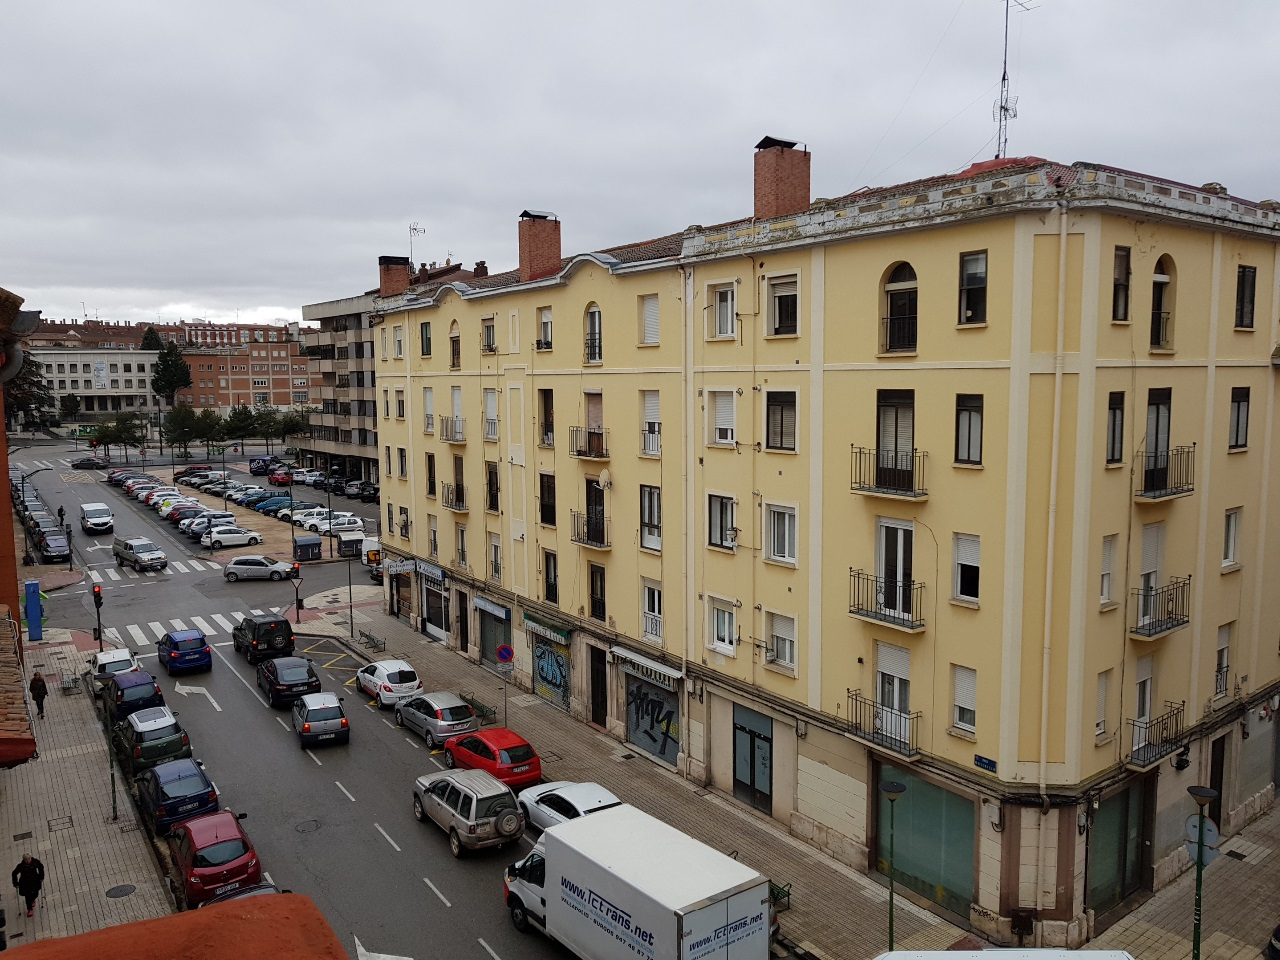 -eu-west-1.amazonaws.com/mobilia/Portals/inmoatrio/Images/5420/2500858